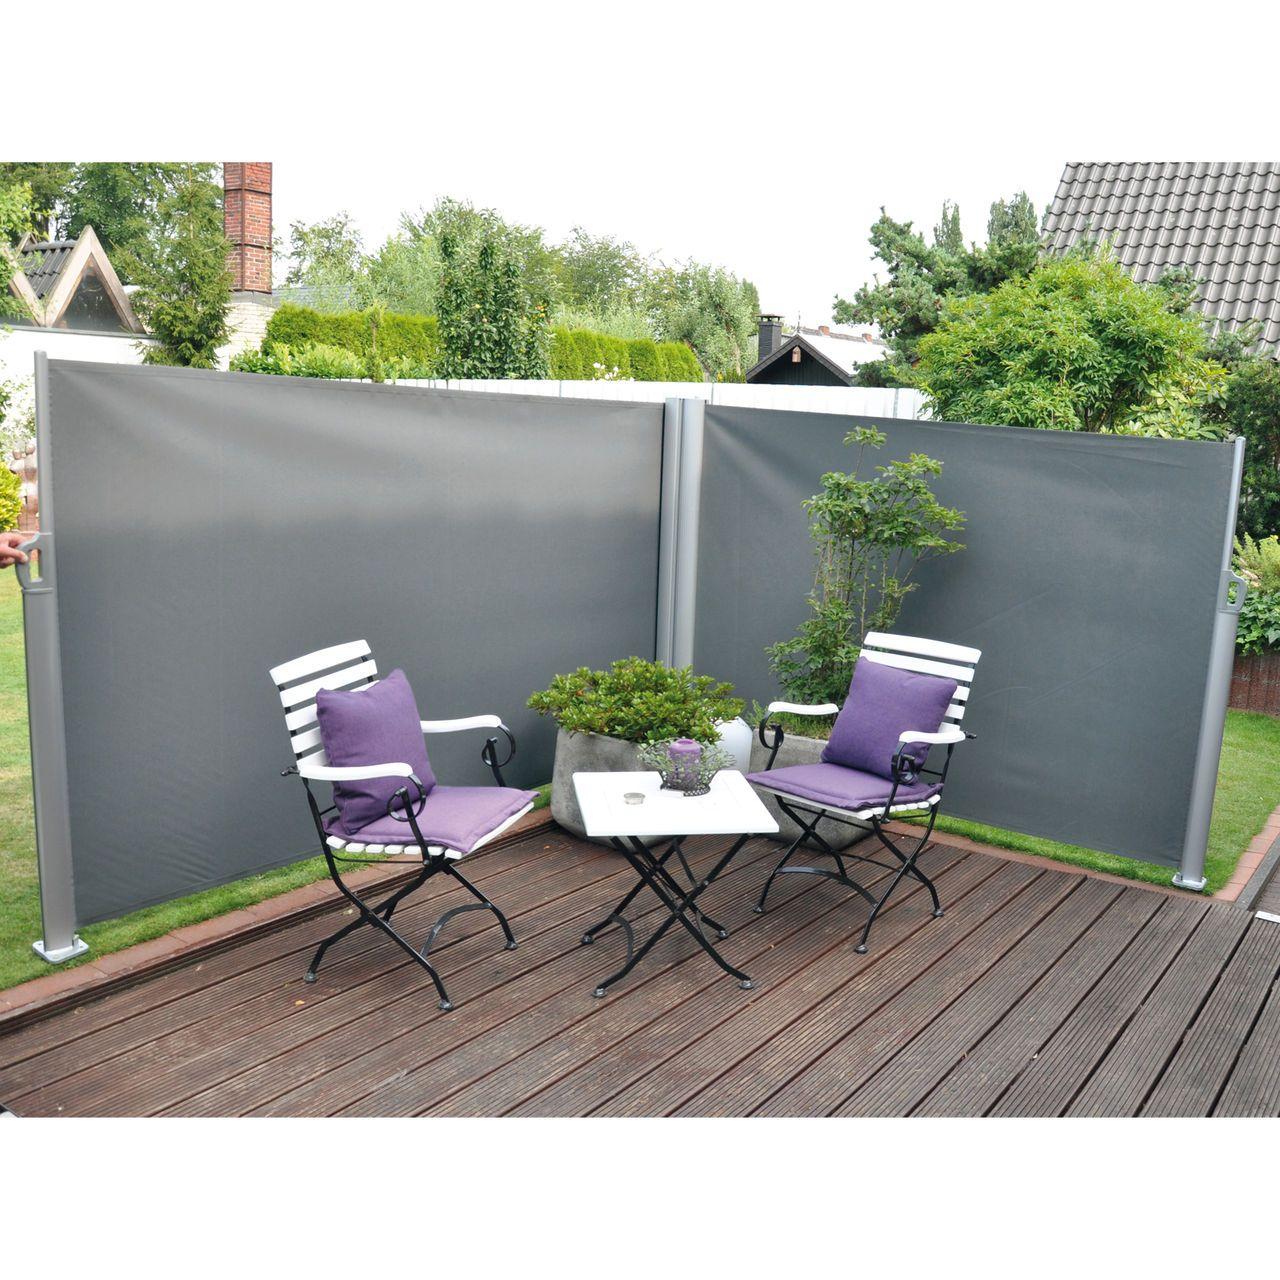 ausziehbare seitenmarkise als windschutz und sichtschutz. Black Bedroom Furniture Sets. Home Design Ideas